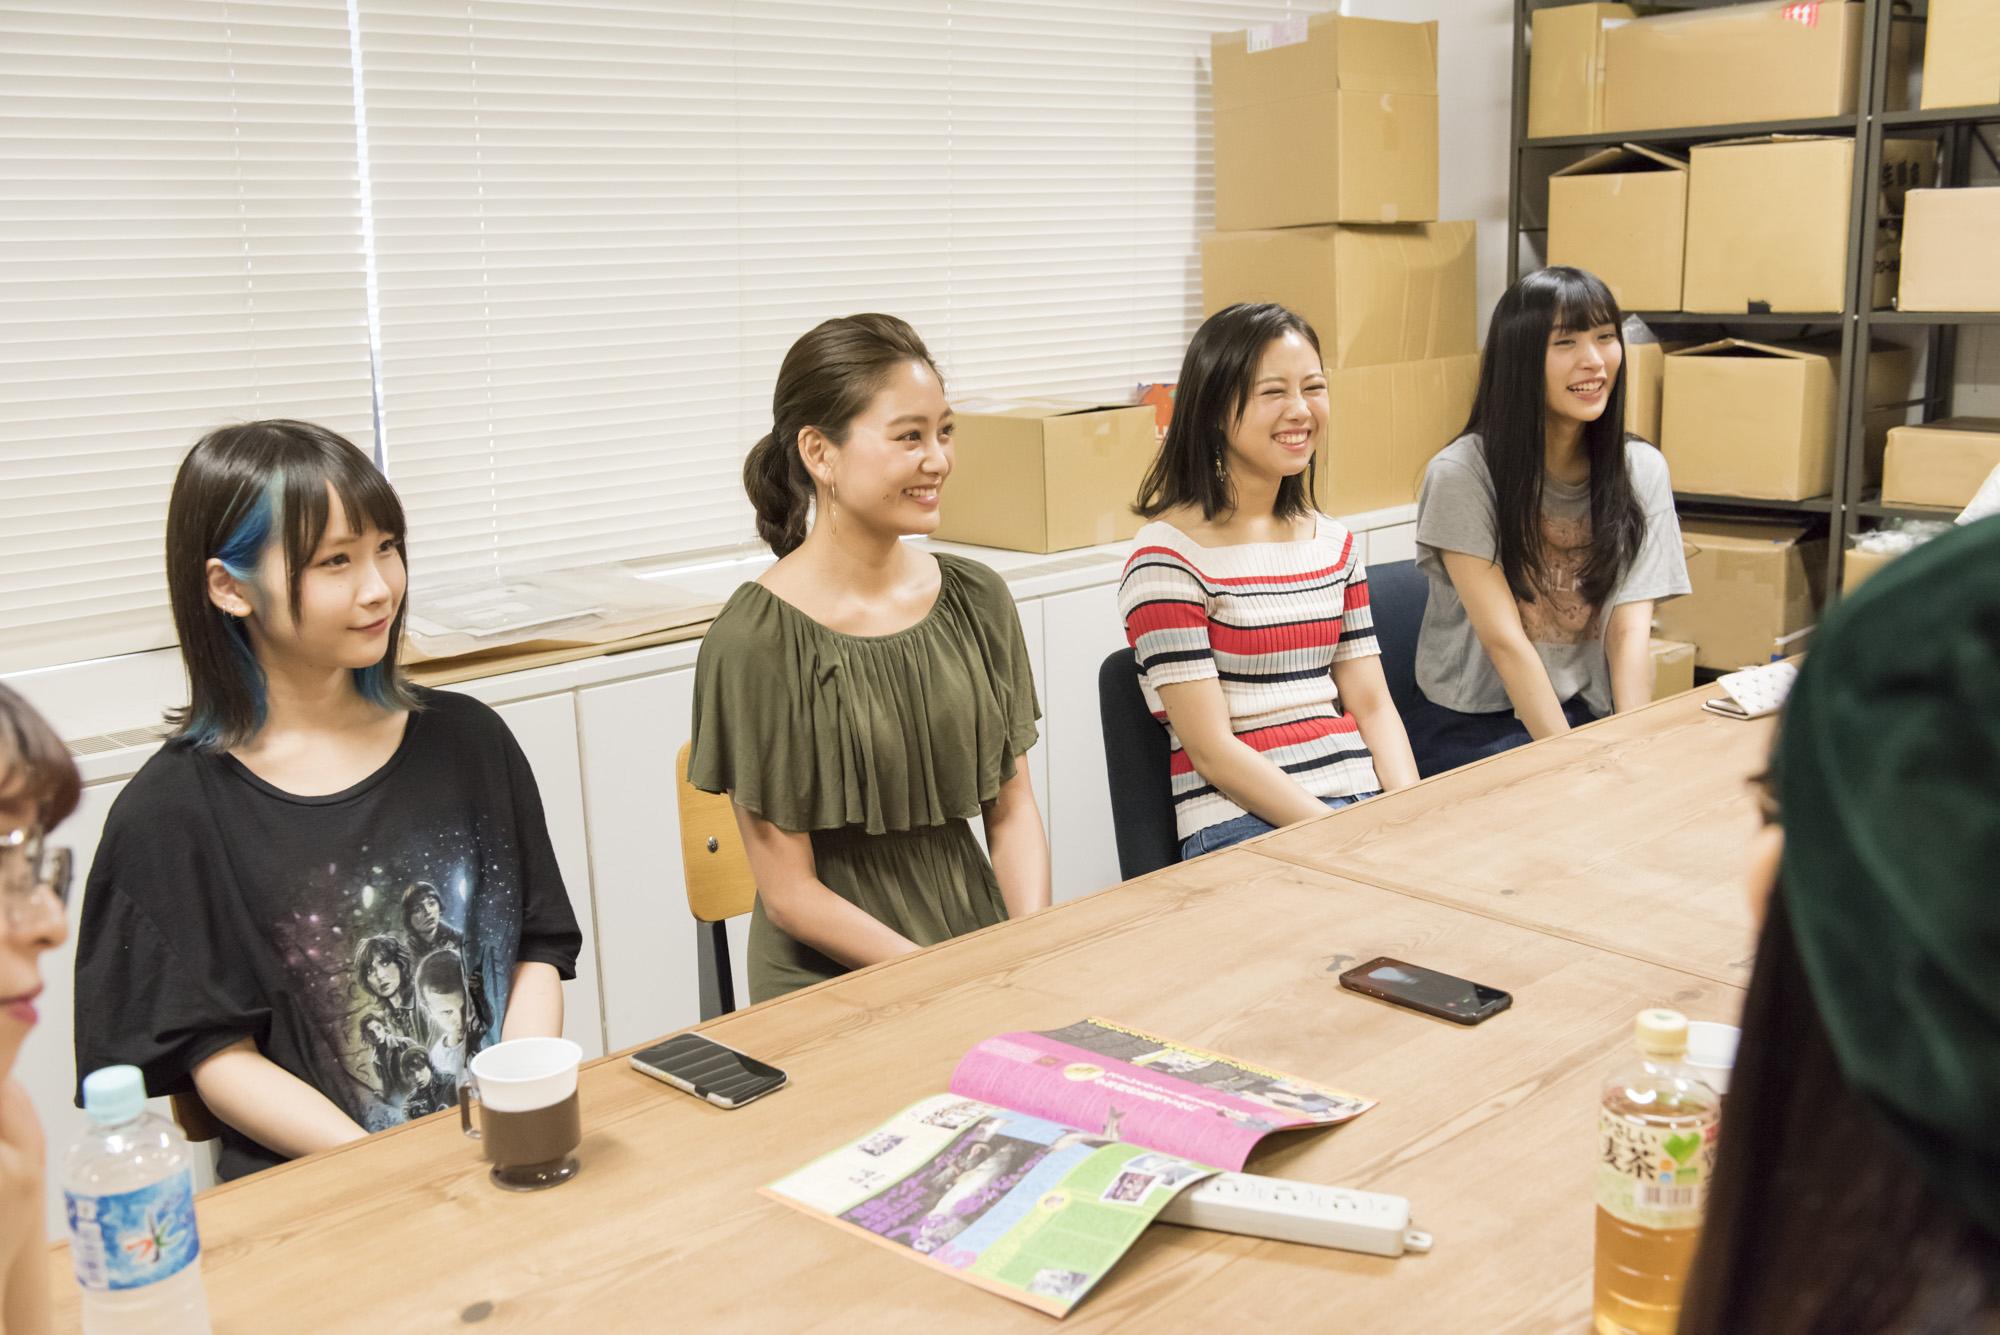 INTERVIEW 024 望月みゆ&恋汐りんご&大桃子サンライズさん 写真2